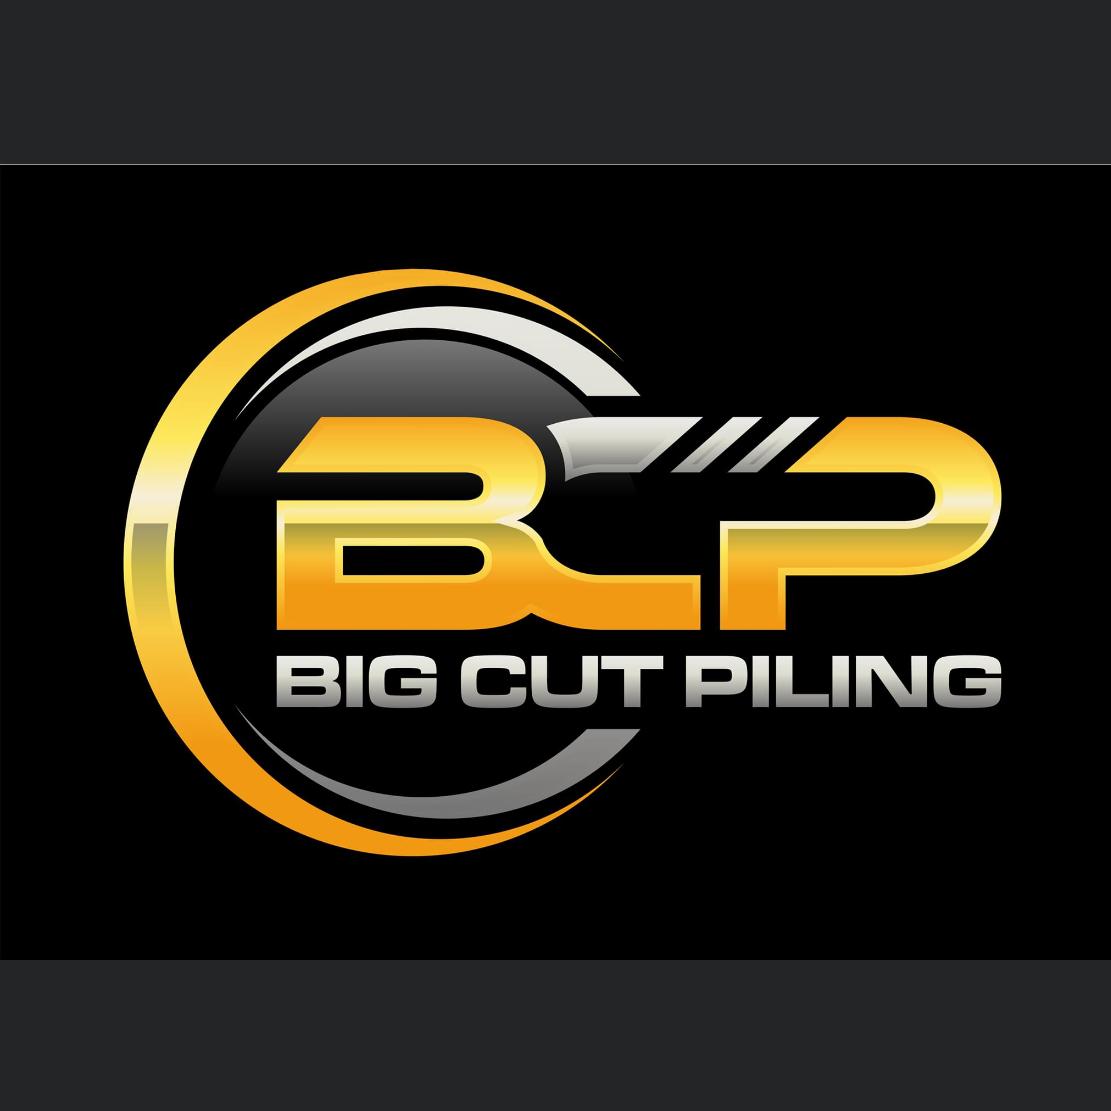 Big Cut Piling